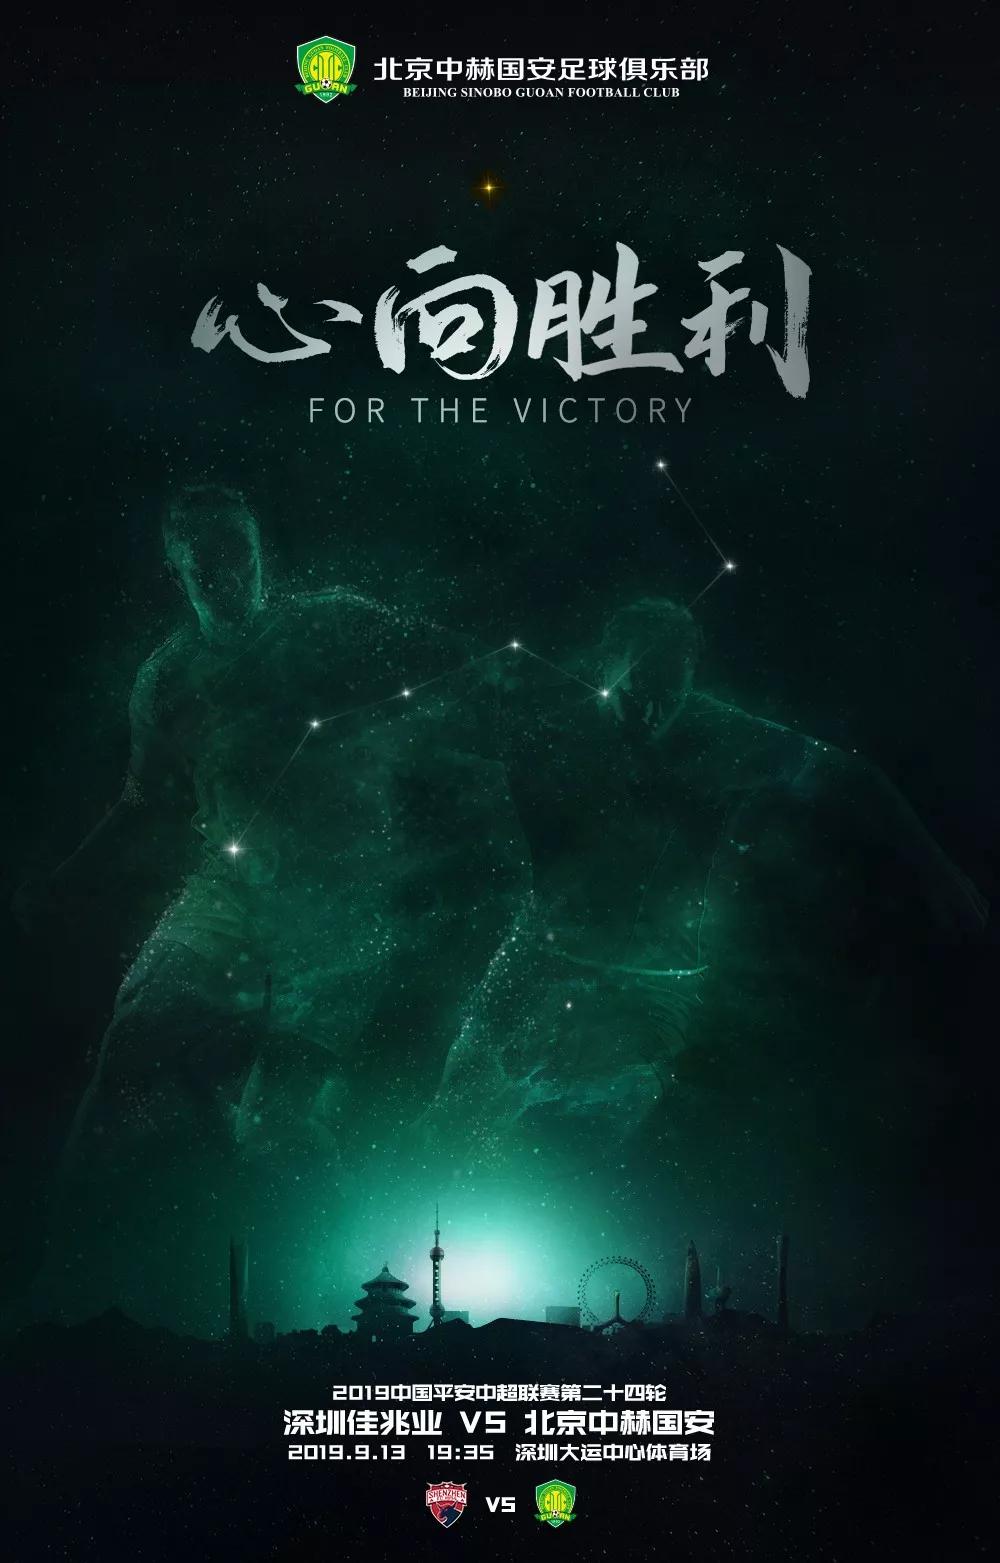 国安发布联赛客战深圳海报:心向胜利